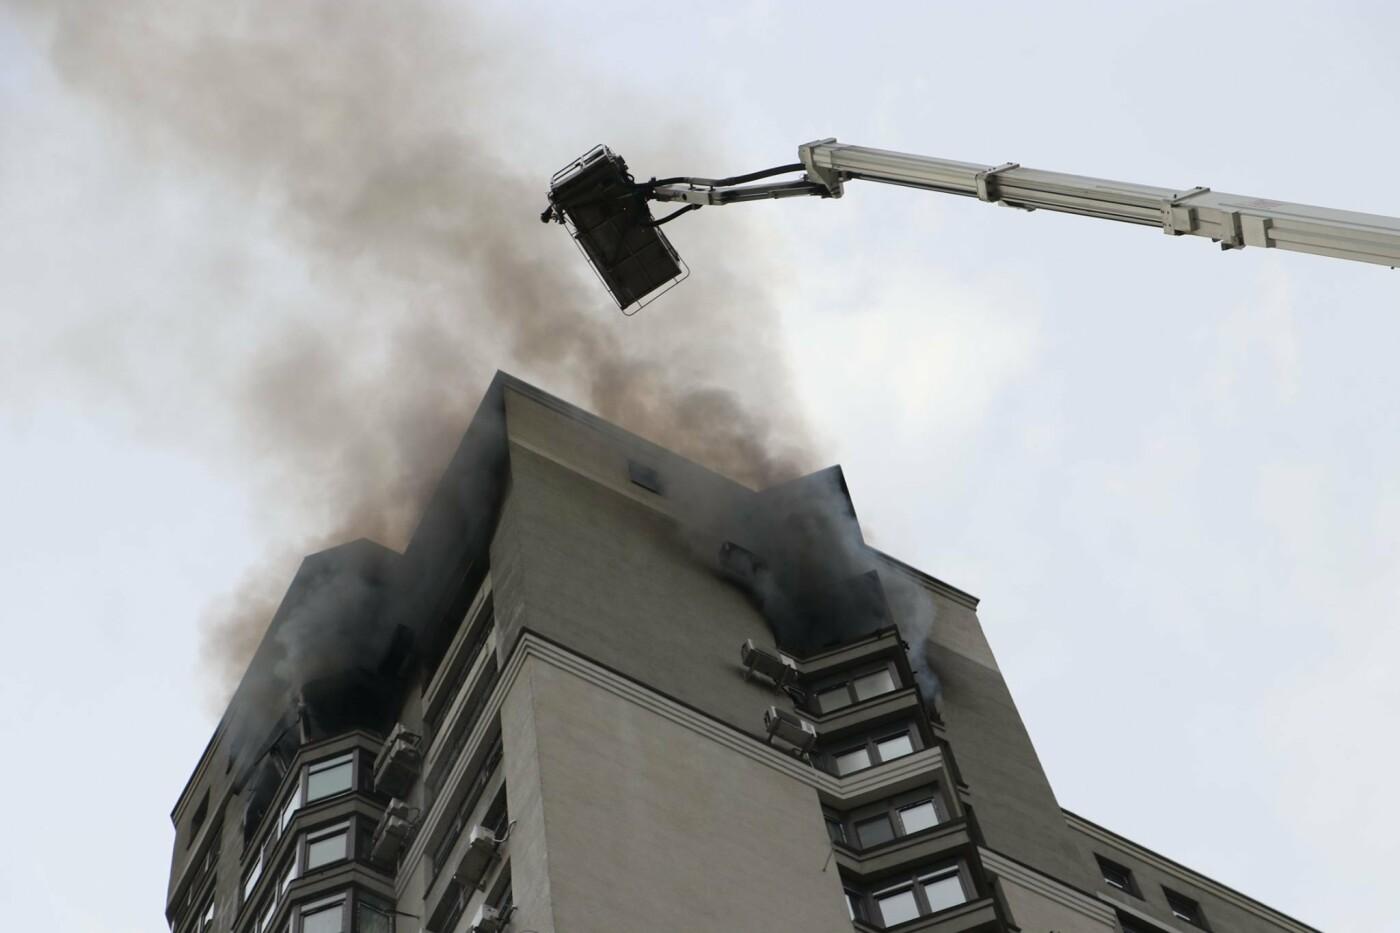 В Киеве во время пожара в многоэтажке заживо сгорел мужчина - ФОТО, фото-7